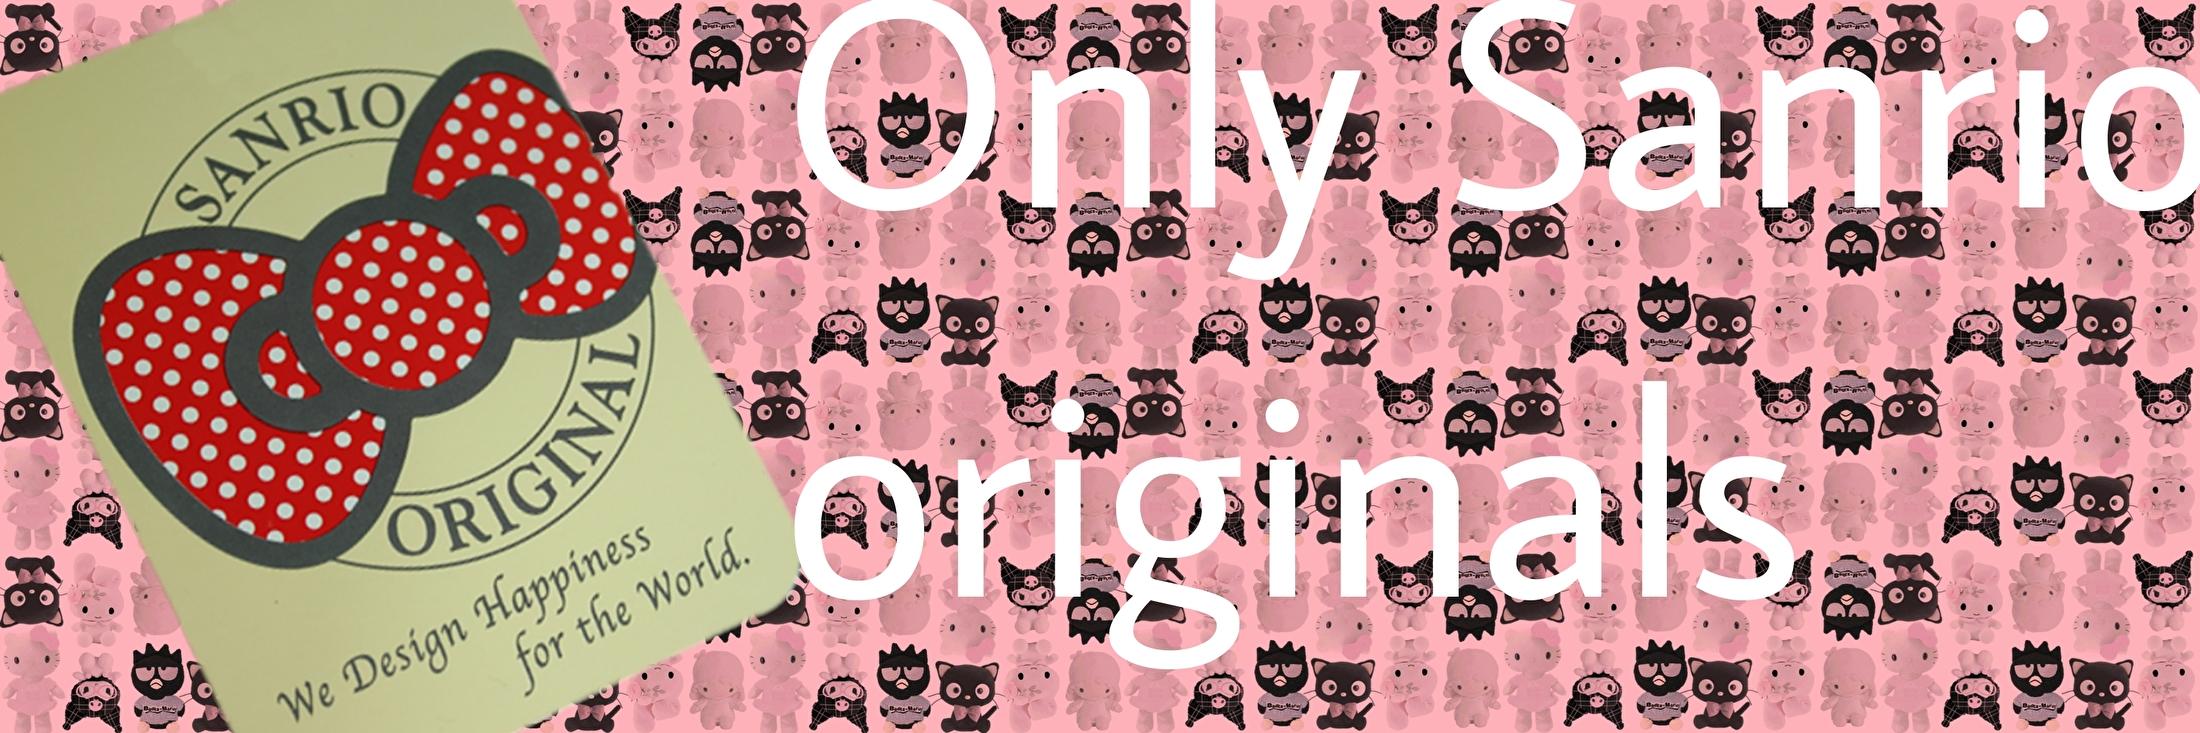 Sanrio Originals